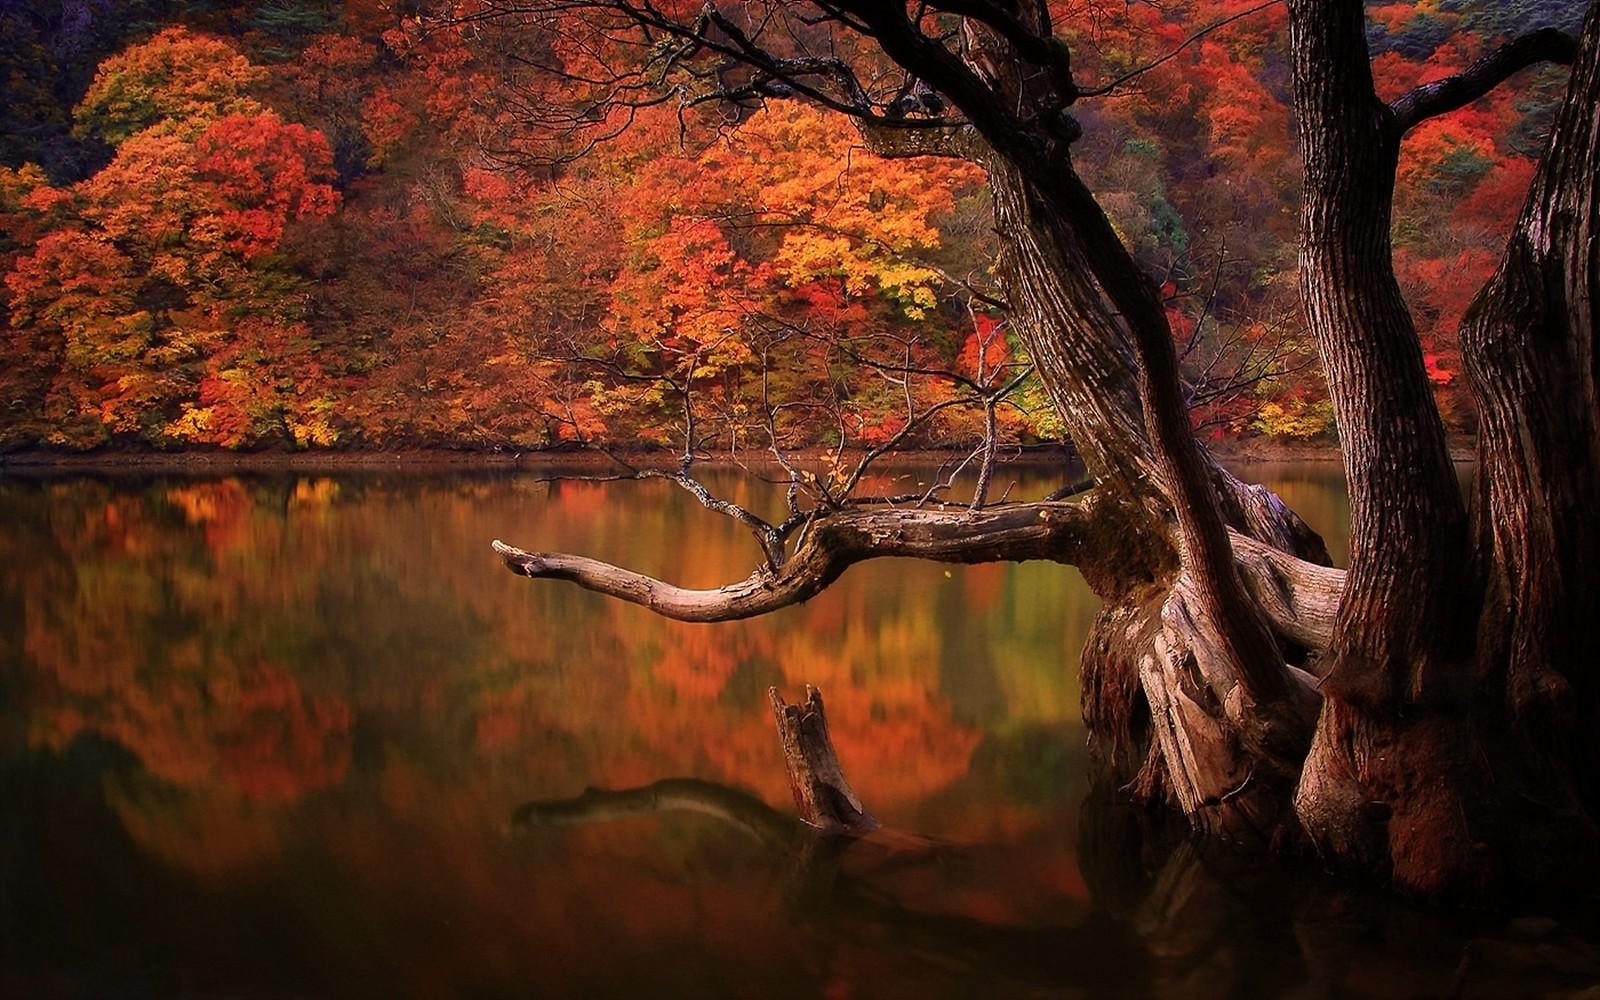 desktop wallpaper nature scenes